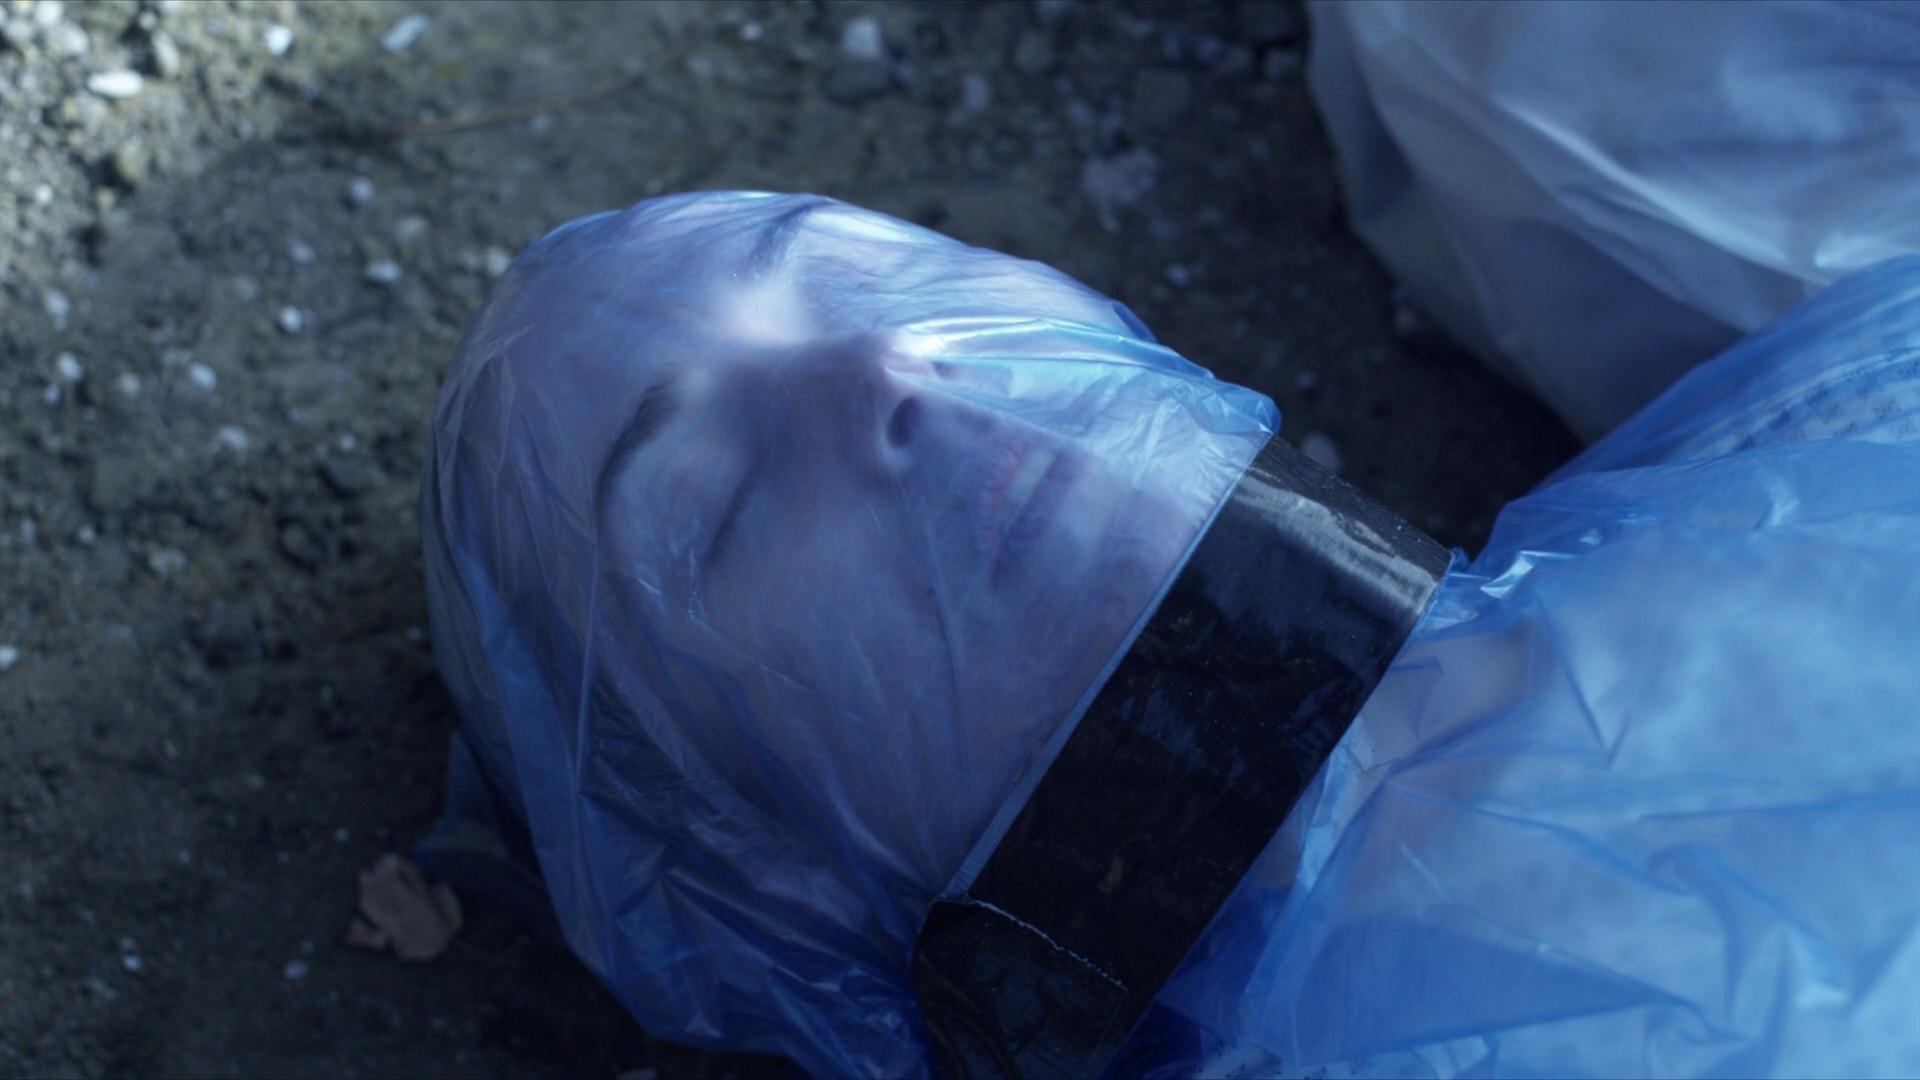 Da Erin Brockovich a Contagion: l'Epidemia secondo Soderbergh